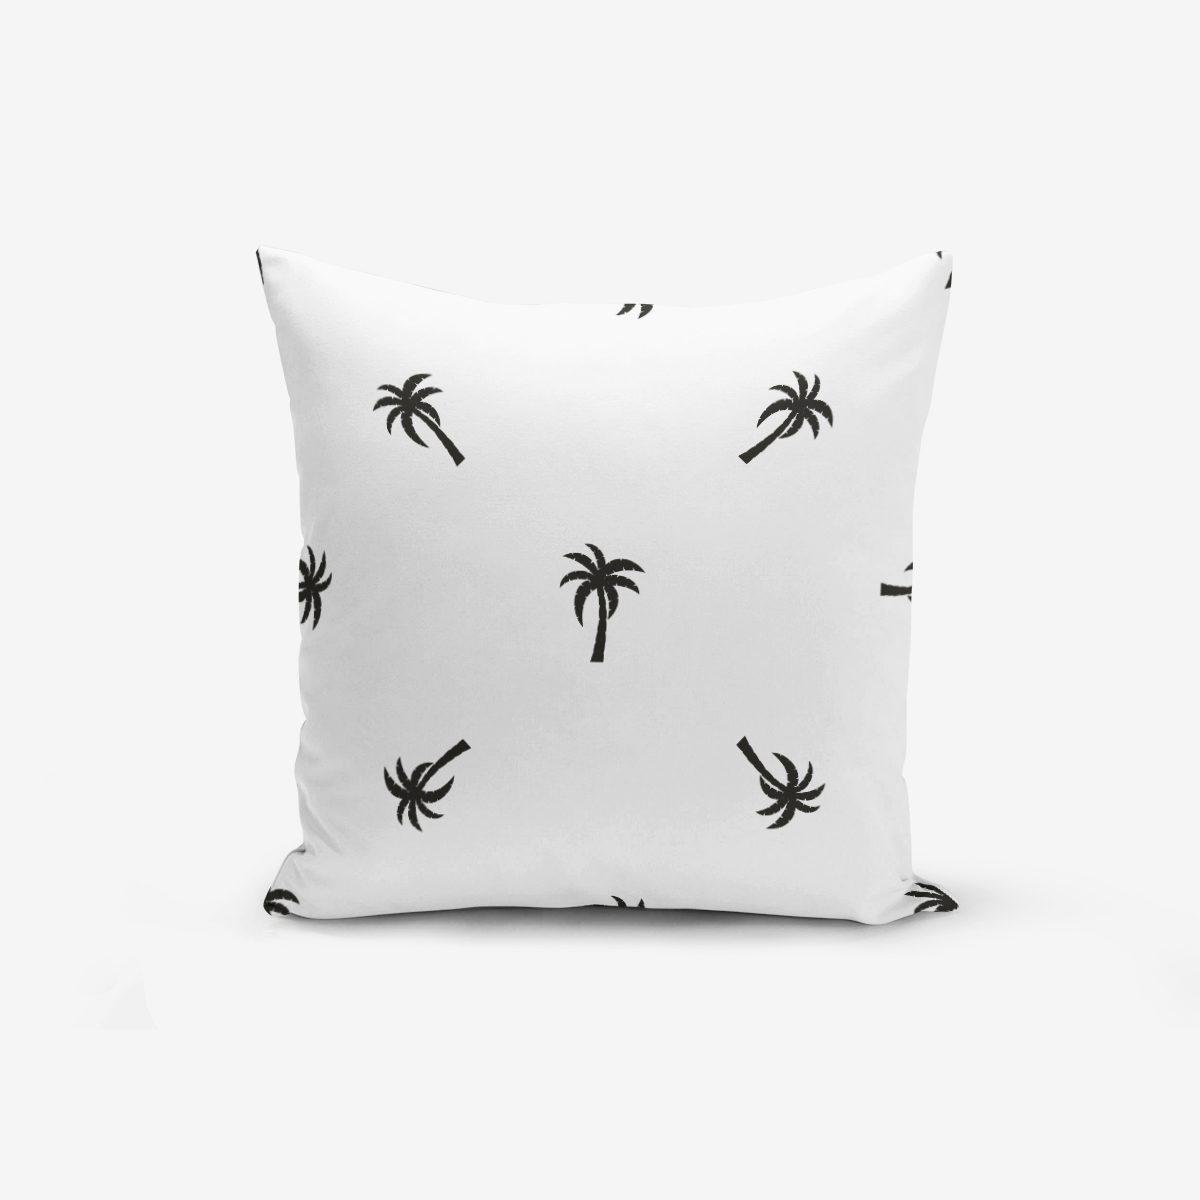 Palmiye Baskılı Siyah Beyaz Dekoratif Yastık Kırlent Kılıfı Realhomes